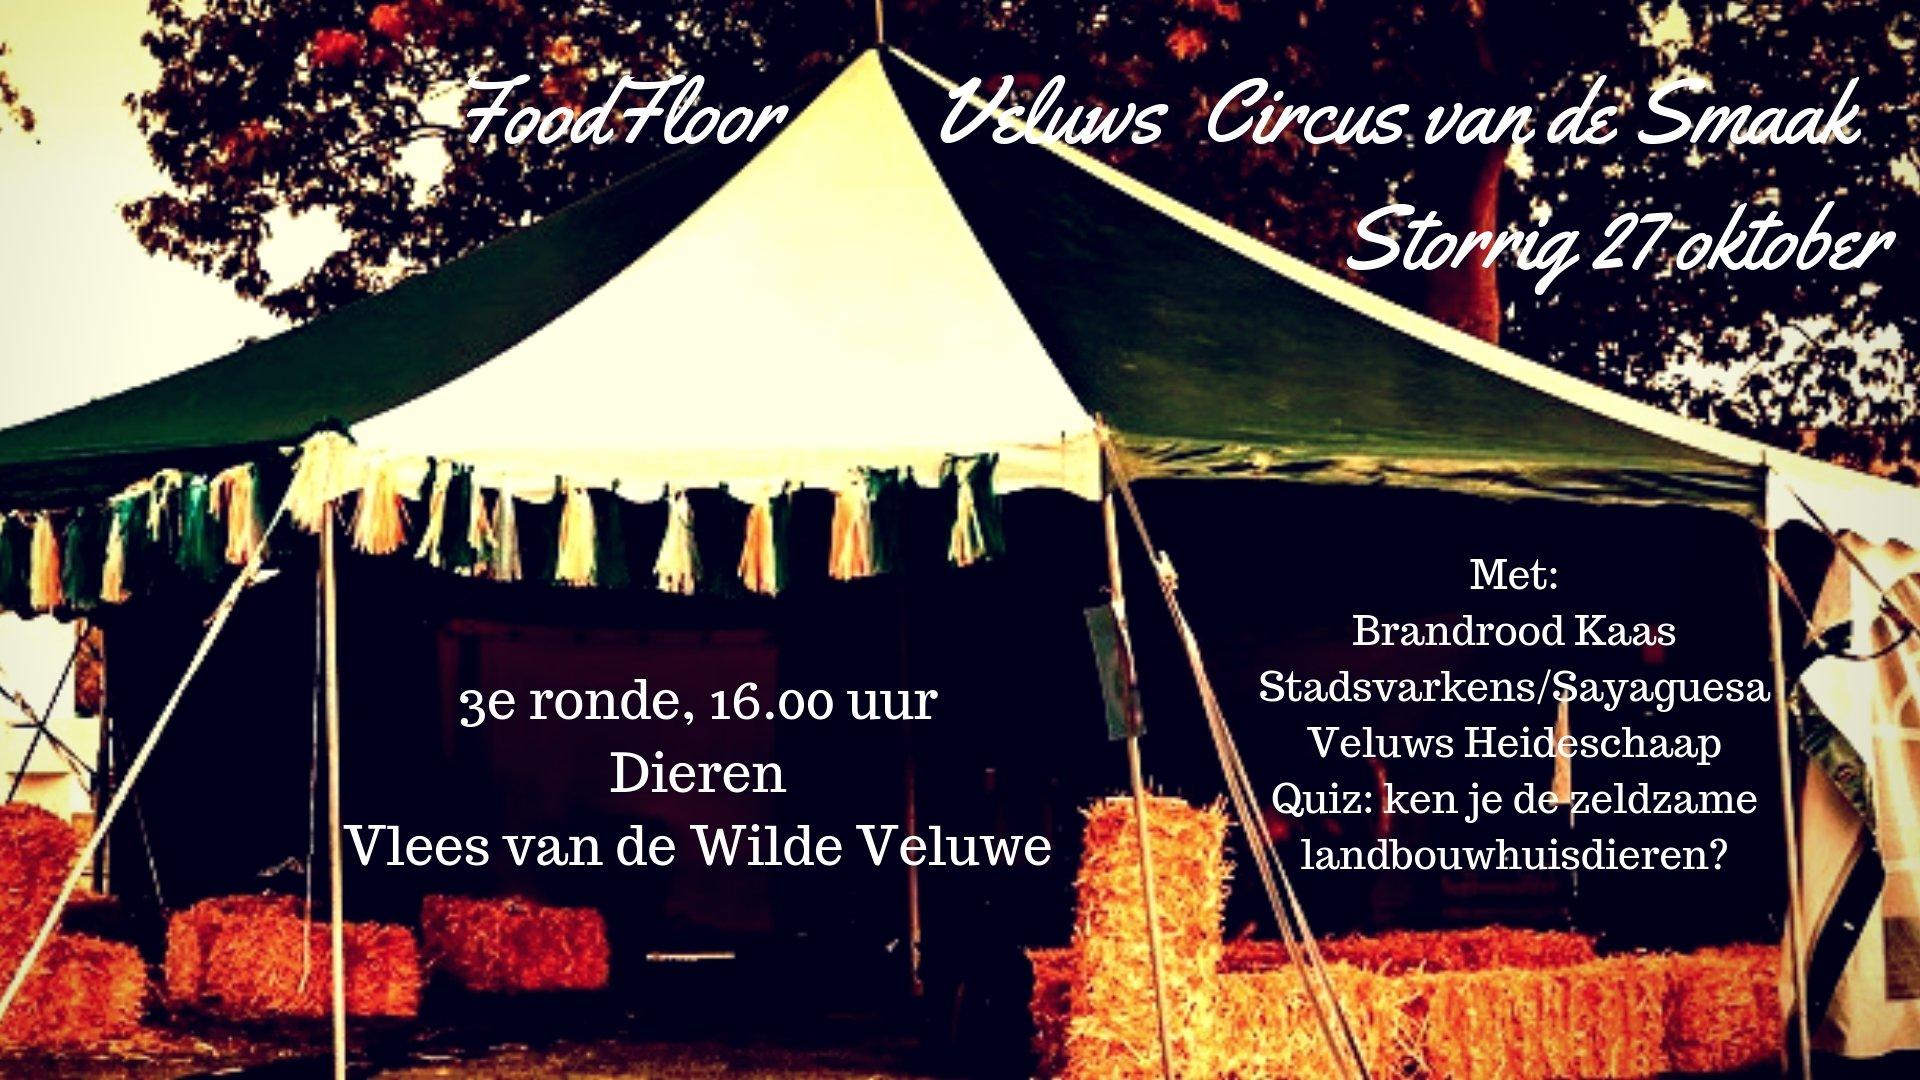 ronde 3 FoodFloor Veluws Circus van de Smaak